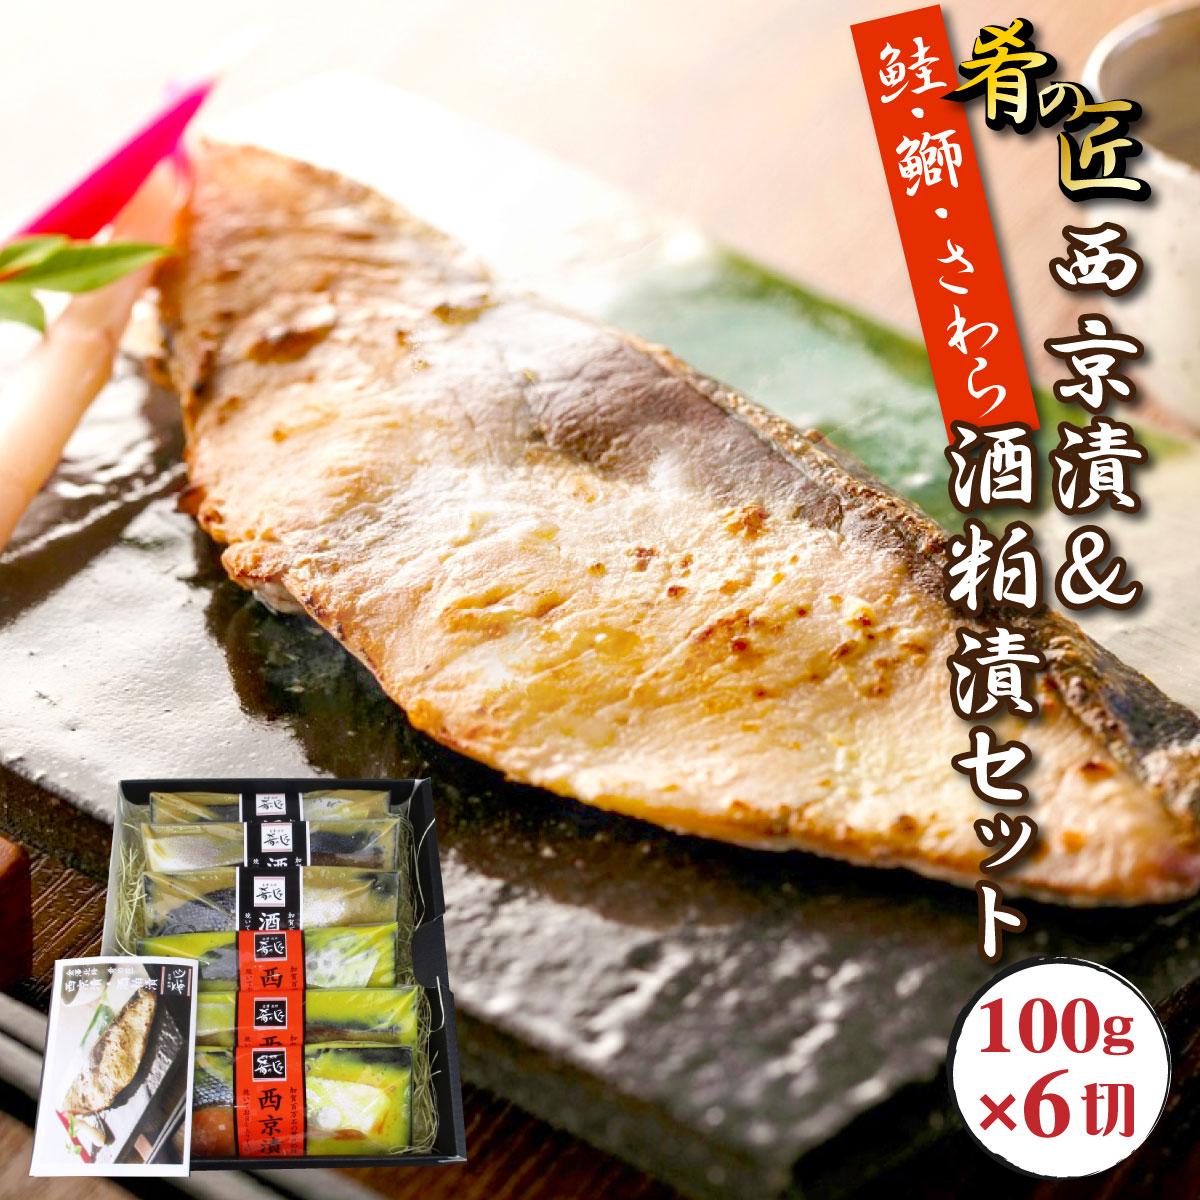 西京漬・酒粕漬6切セット (100g×6切)